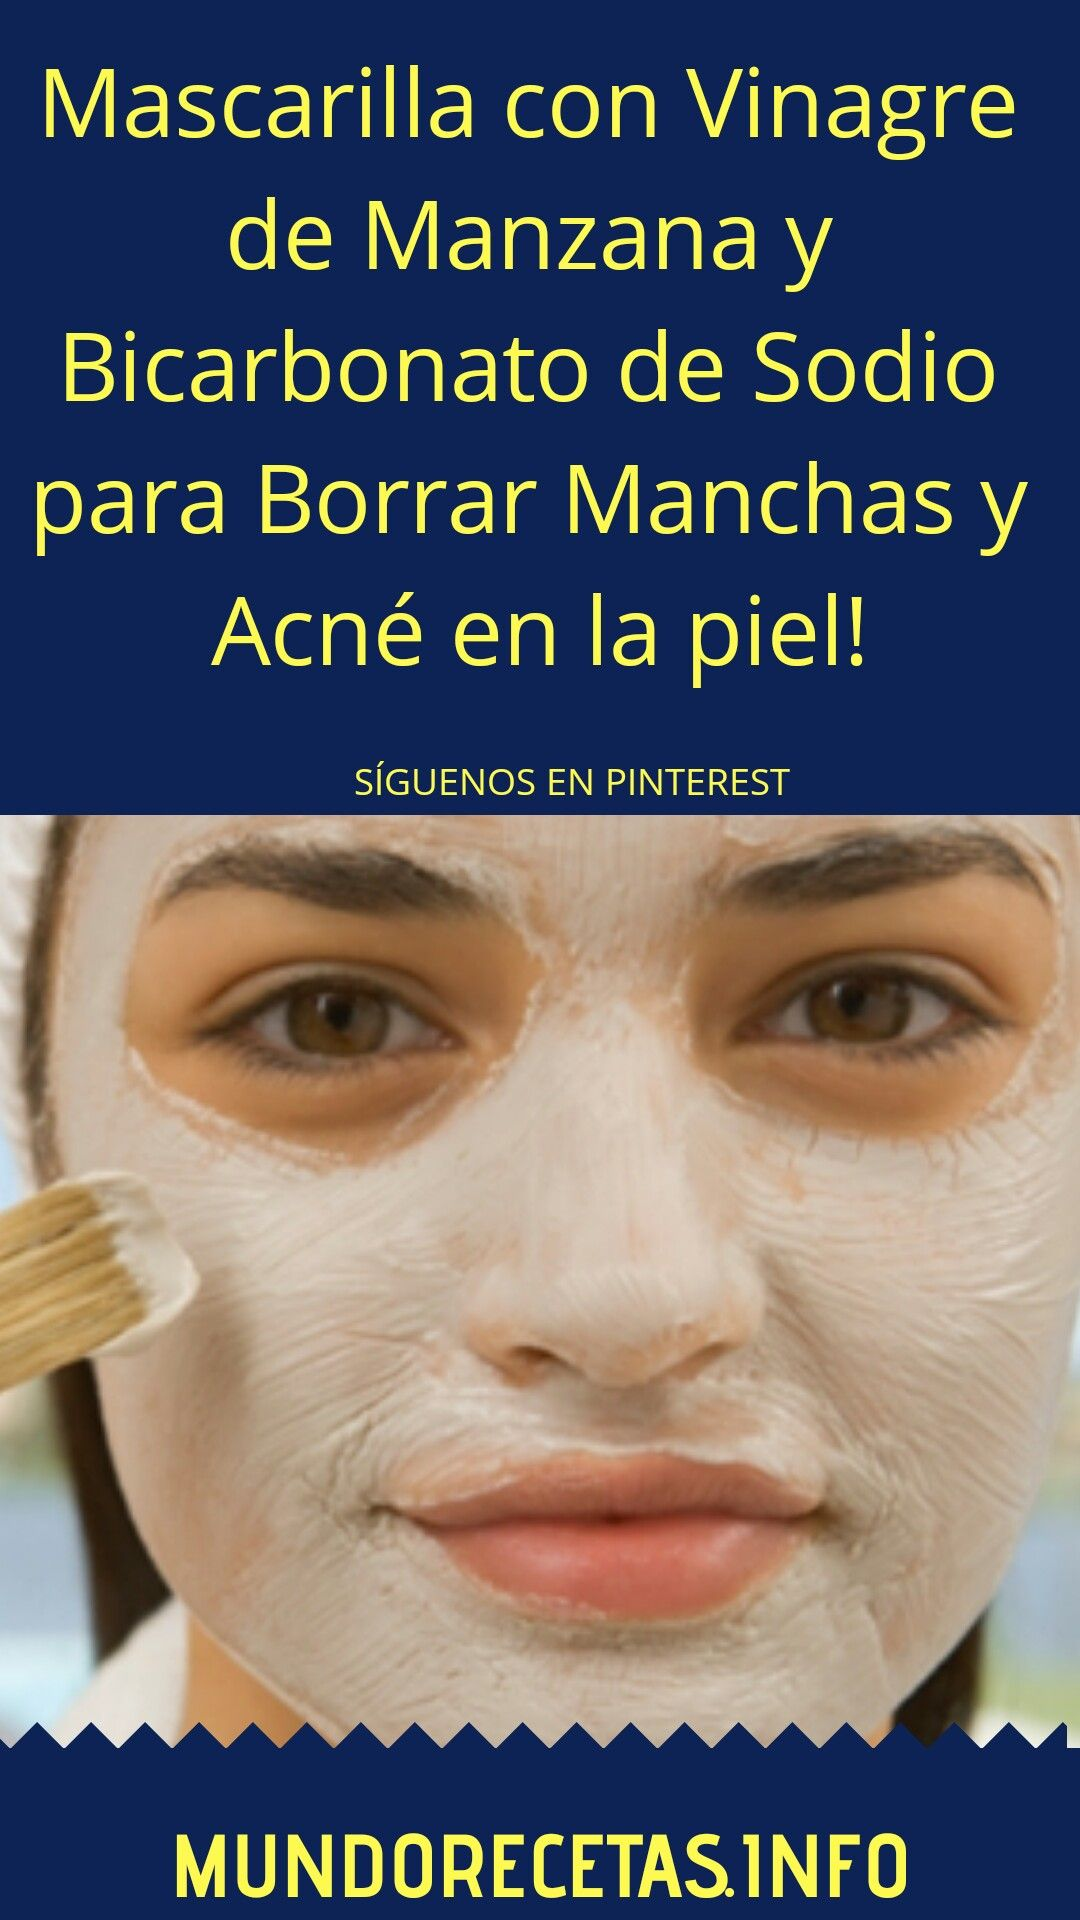 Rosa cerrar restante  Mascarilla con #Vinagre de #Manzana y #Bicarbonato de #Sodio para Borrar  #Manchas y #Acné en la #piel! | Skin care tips, Beauty skin care, Skin care